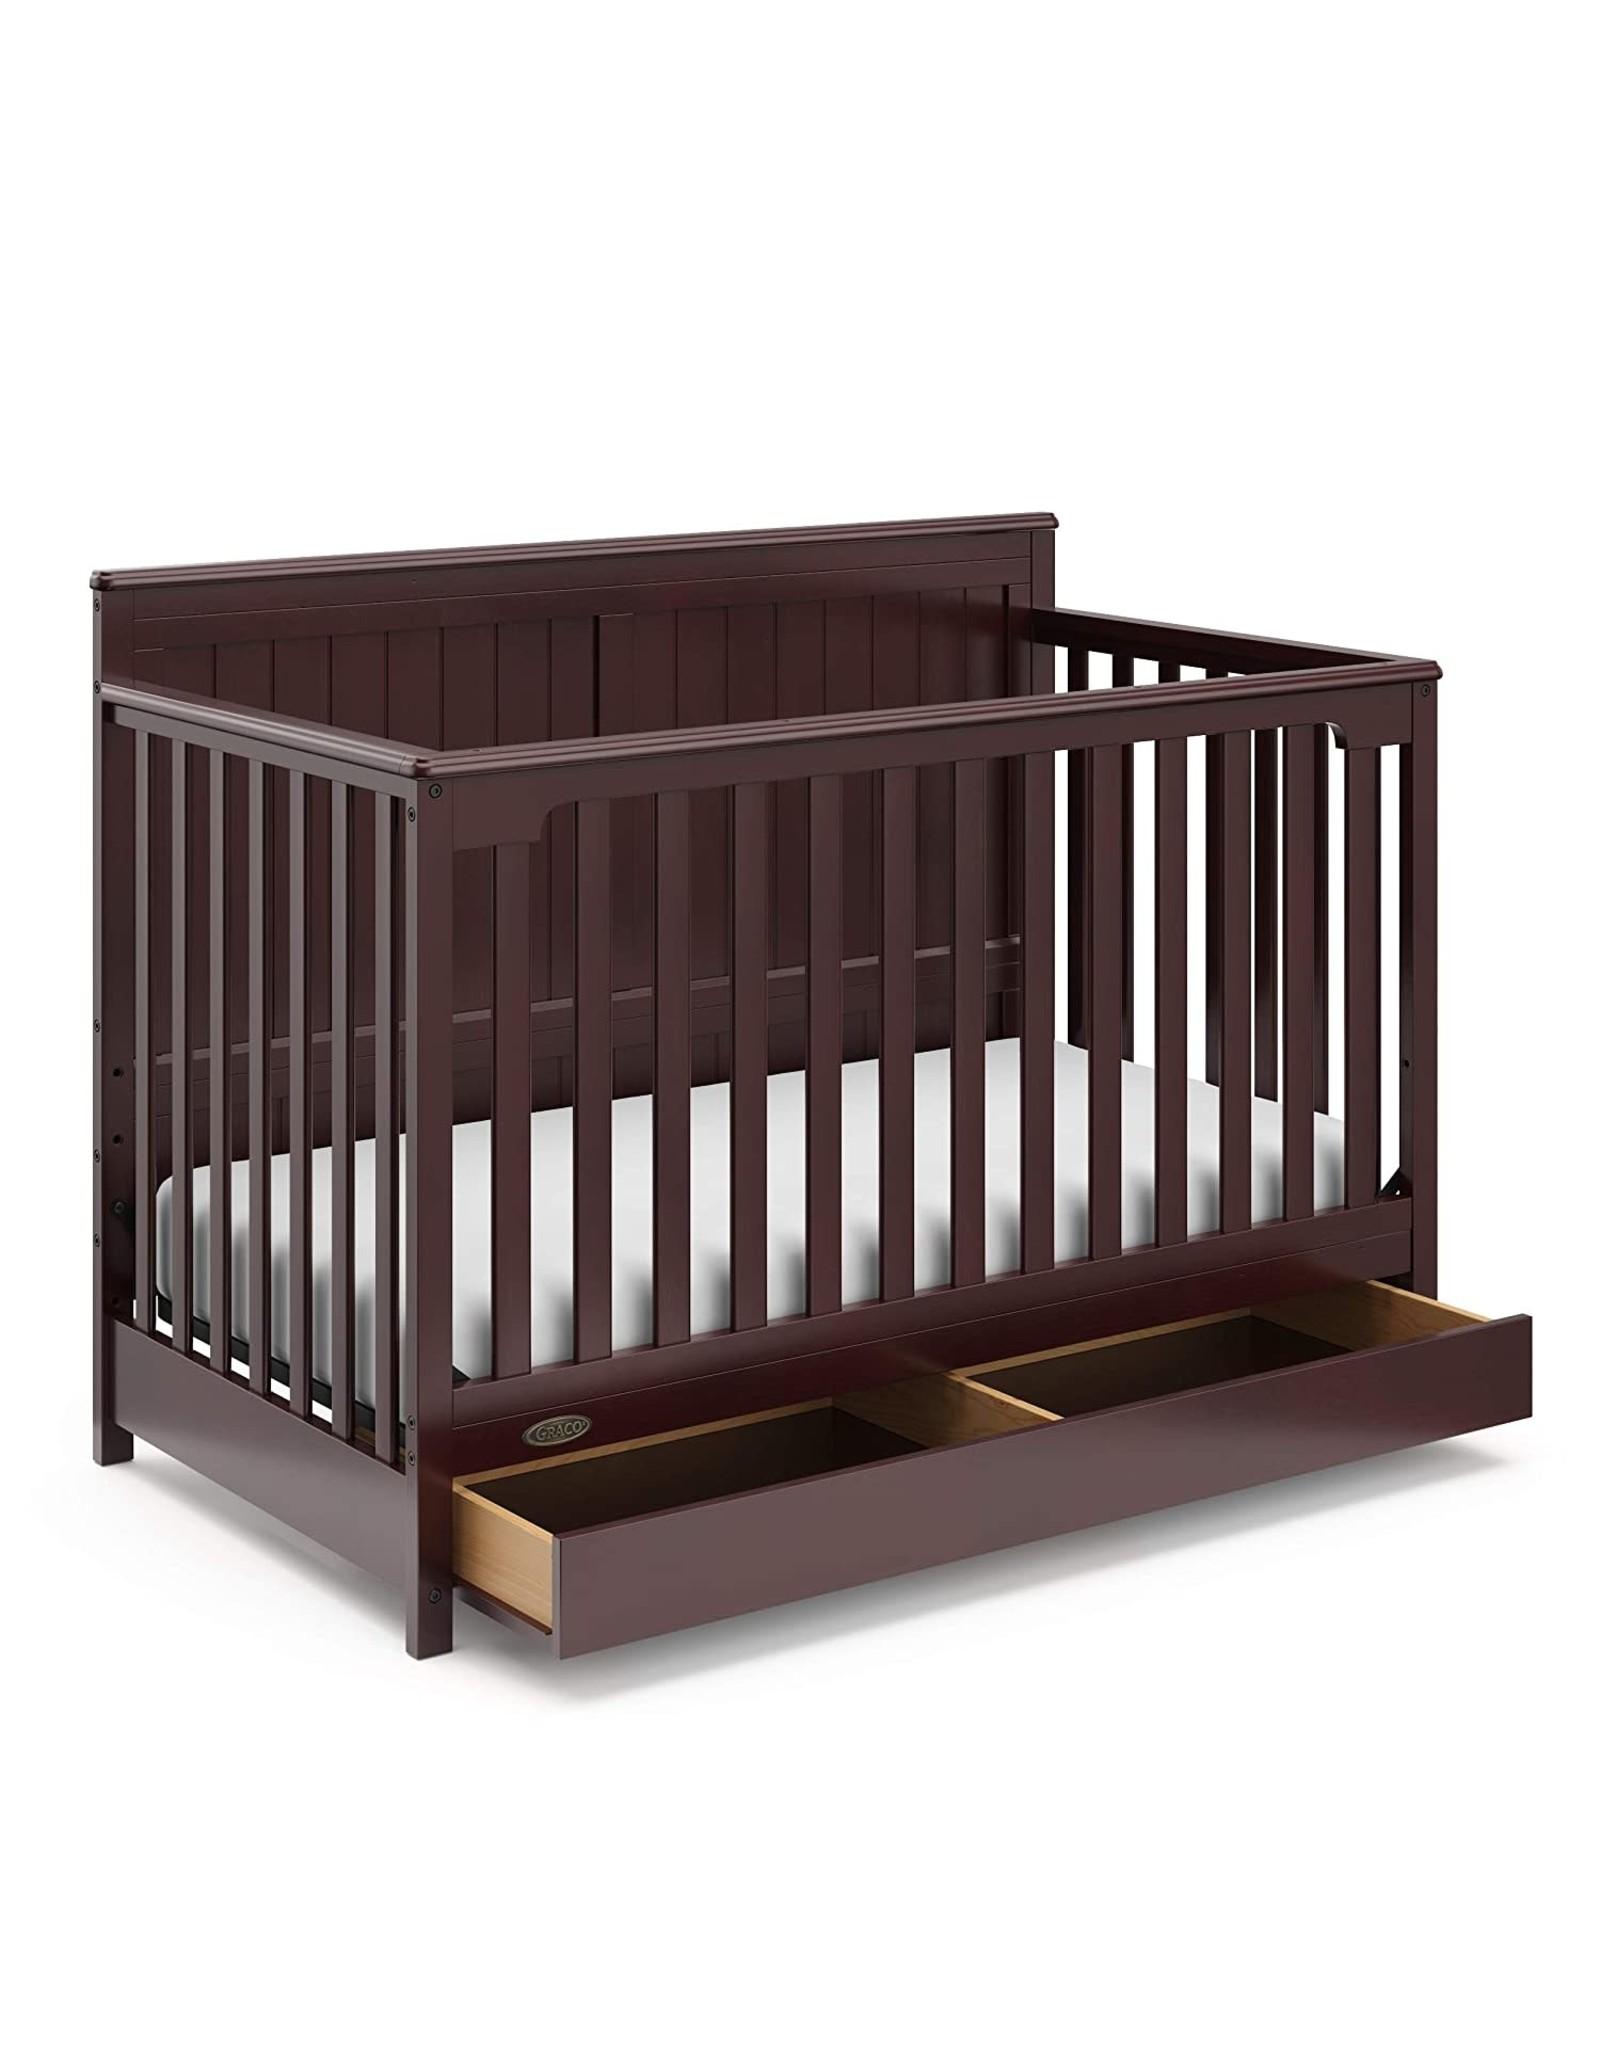 Graco Graco Hadley Baby Crib, Espresso